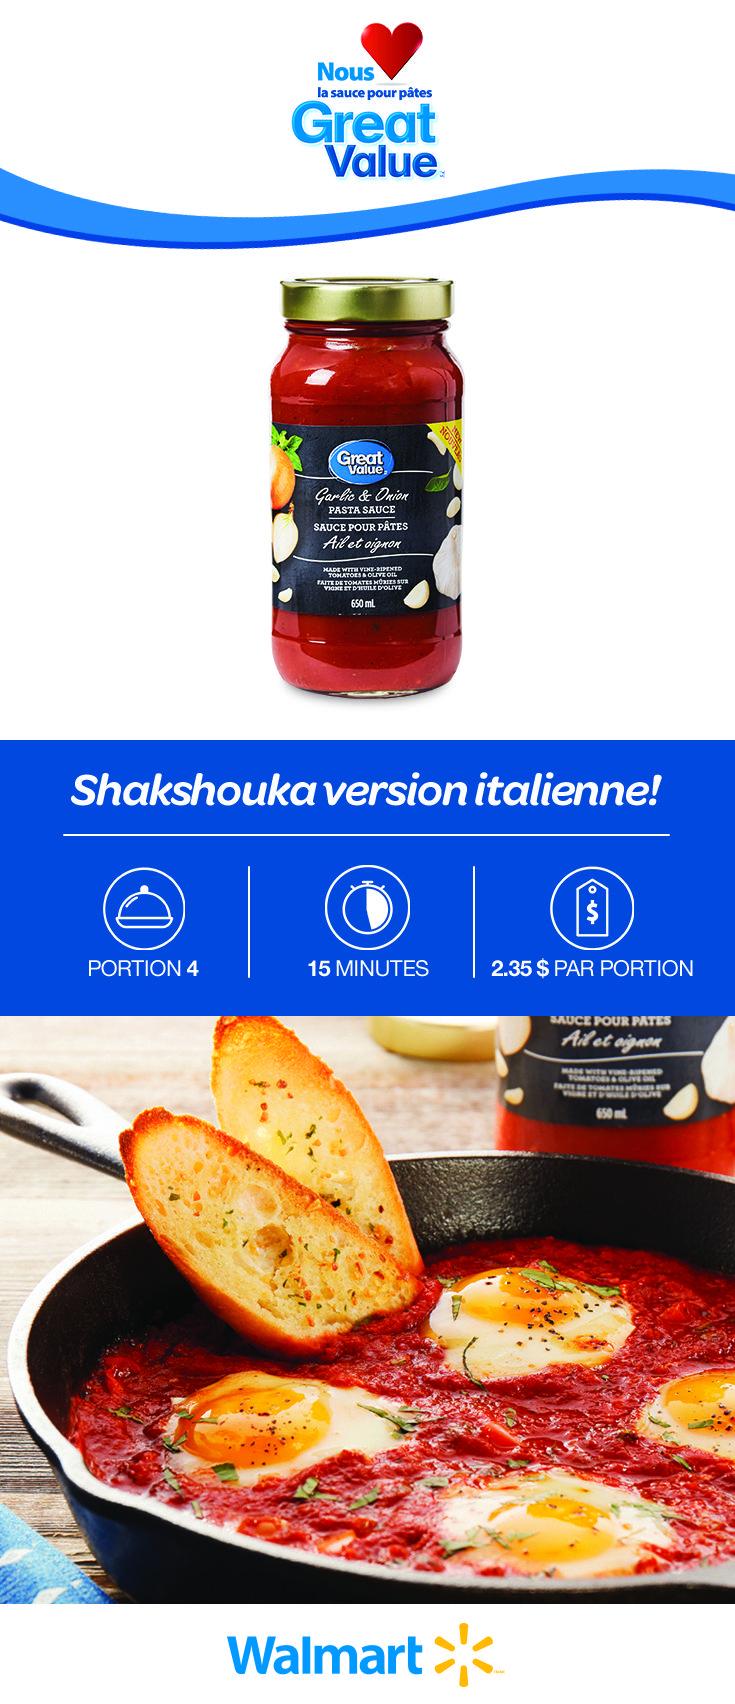 Shakshouka n'est qu'une jolie façon d'appeler des oeufs pochés dans une sauce tomate. Nous avons utilisé notre sauce pour pâtes Great Value, qui ajoute une saveur riche à ce mets satisfaisant à souhait! Cliquez sur le lien pour trouver la recette. #NousAimonsGreatValue #shakshouka #recettesdeshakshouka #oeufspochés #metsauxoeufs #recettesdesouper